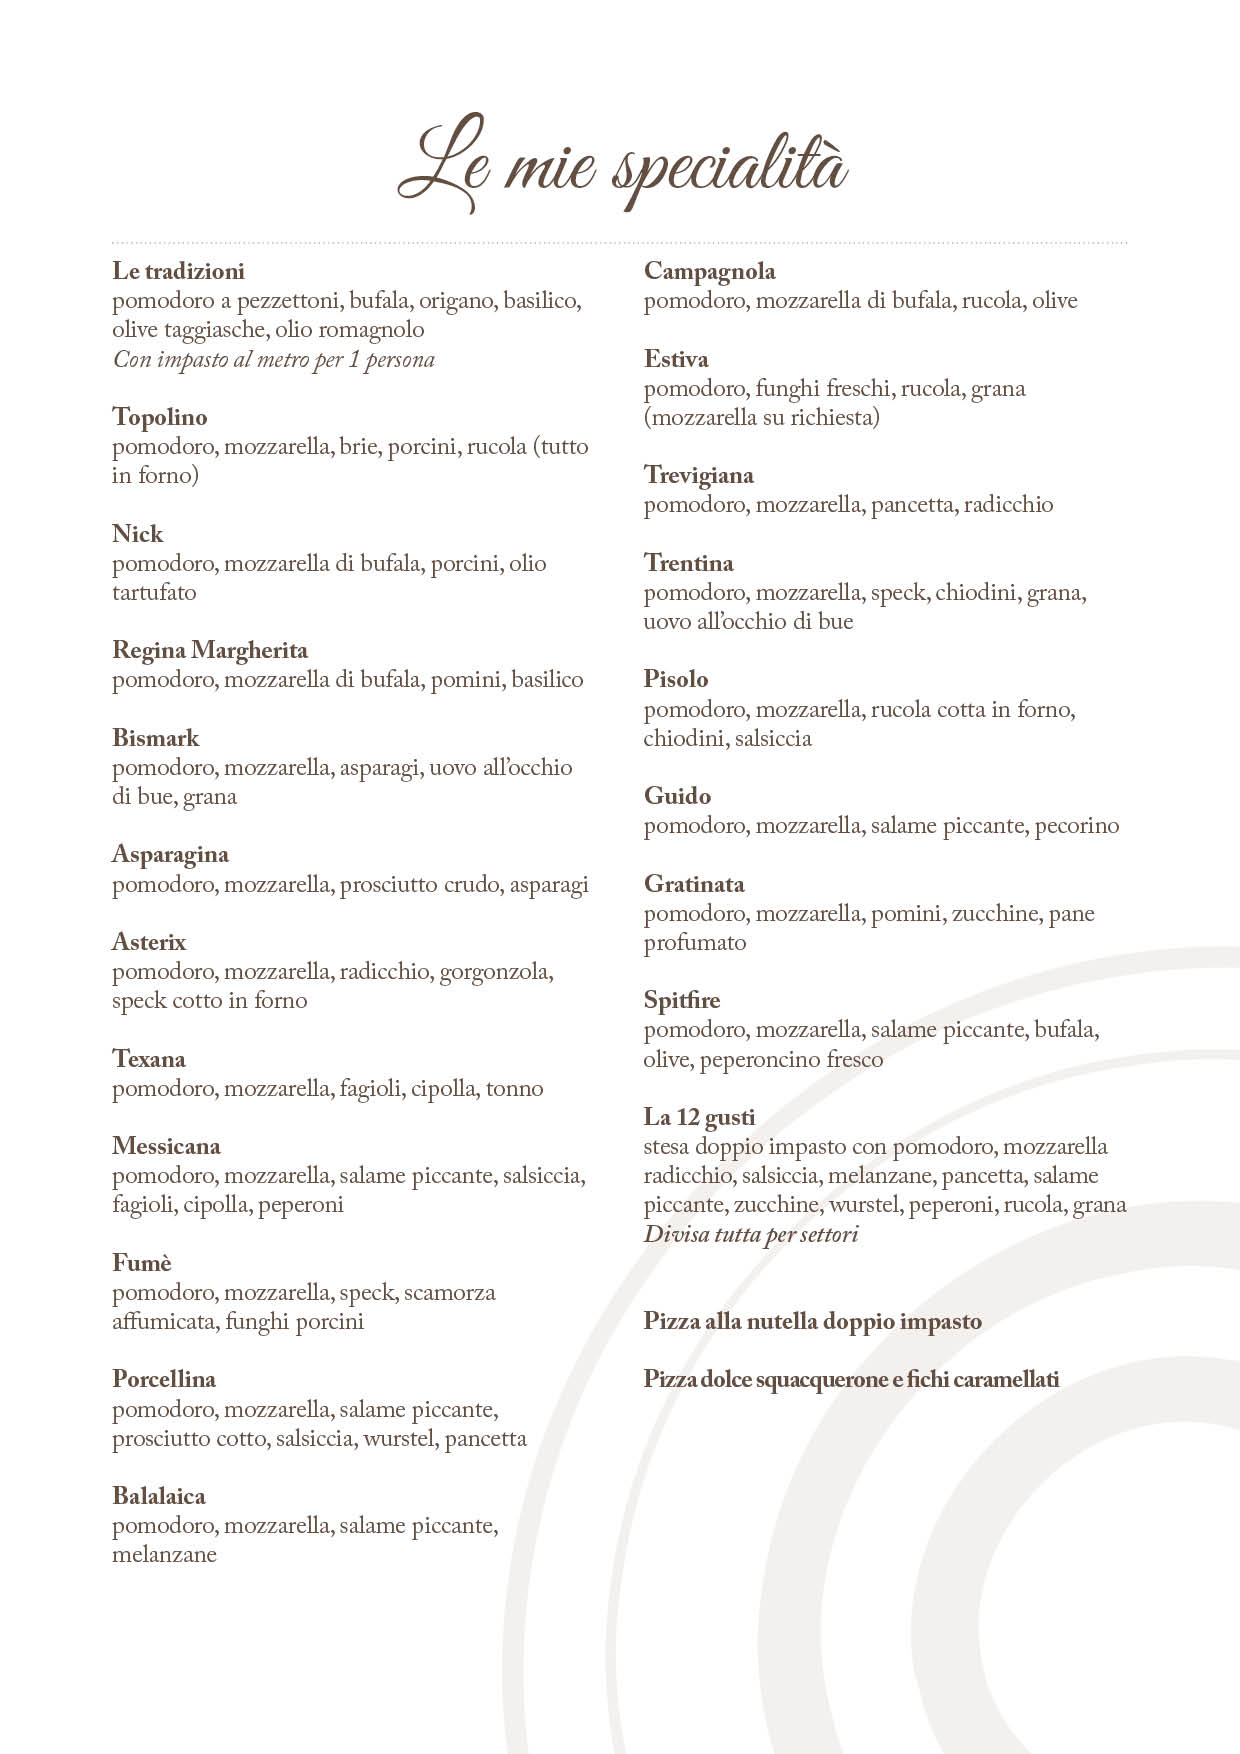 letradizioni-nick-menu-2017-low14